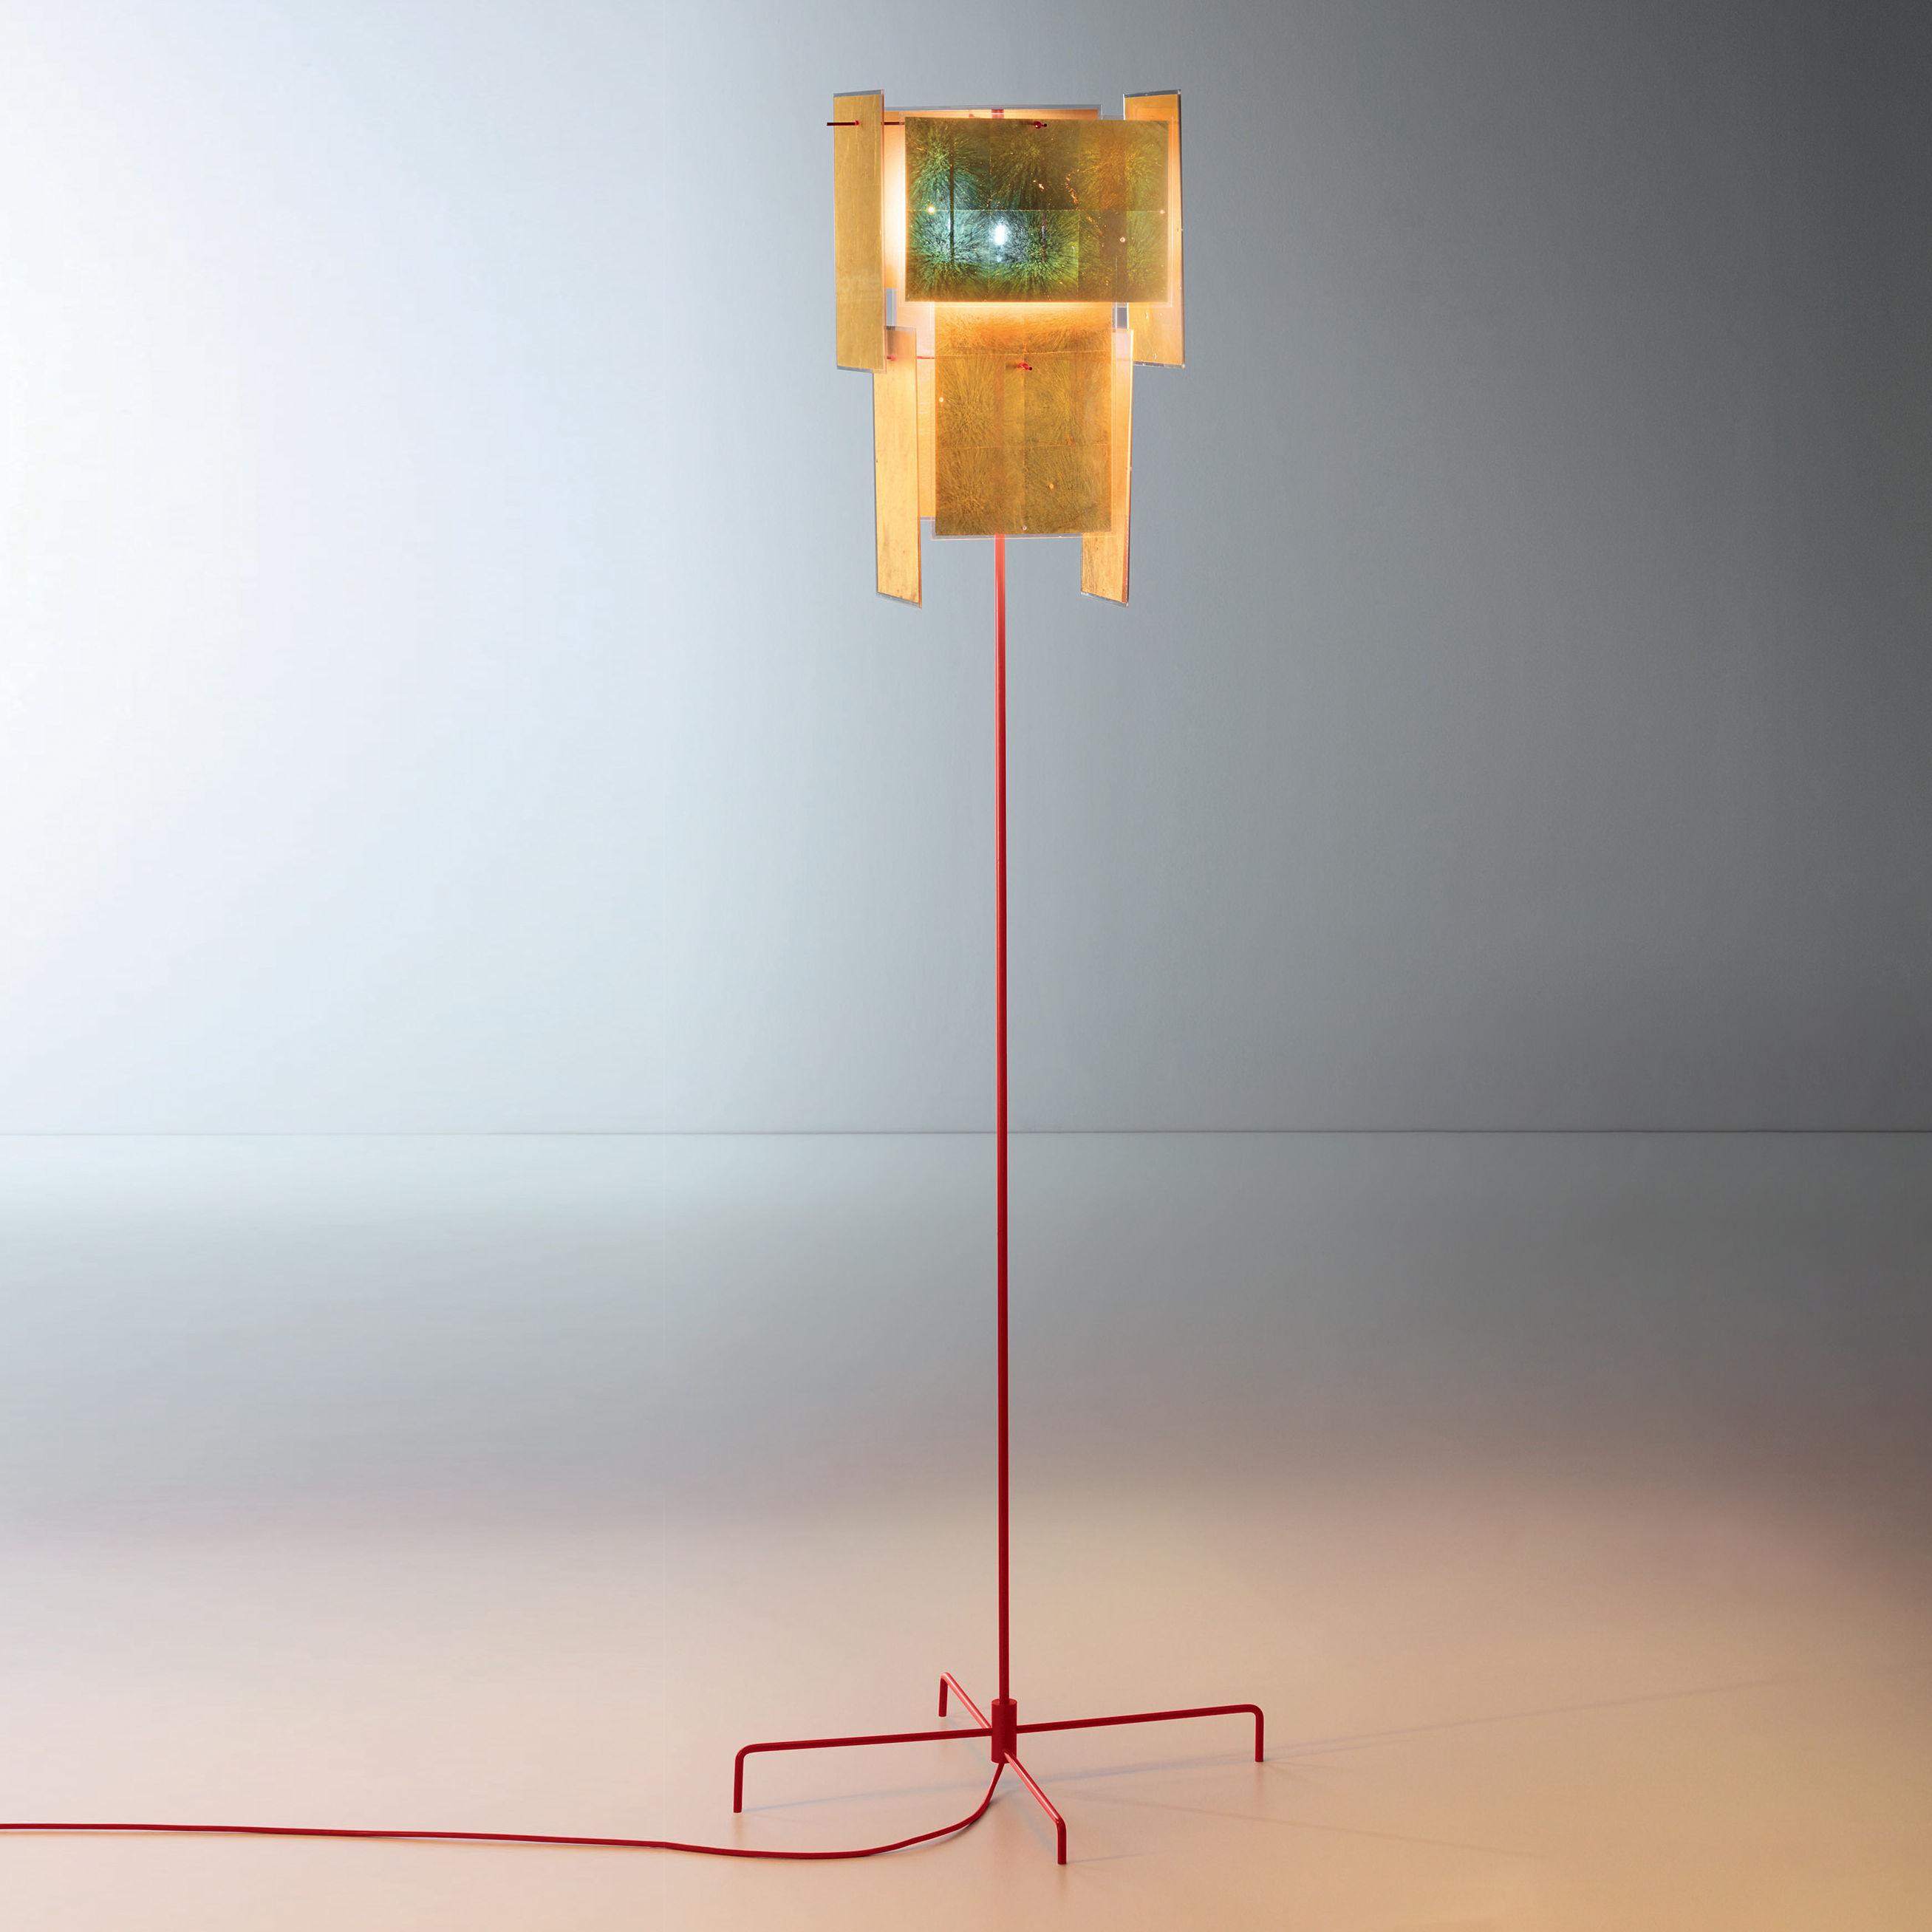 Lighting - Floor lamps - 24 Karat Blau Floor lamp - / Gold leaf by Ingo Maurer - Gold & red - Gold leaf, Lacquered metal, Plastic material